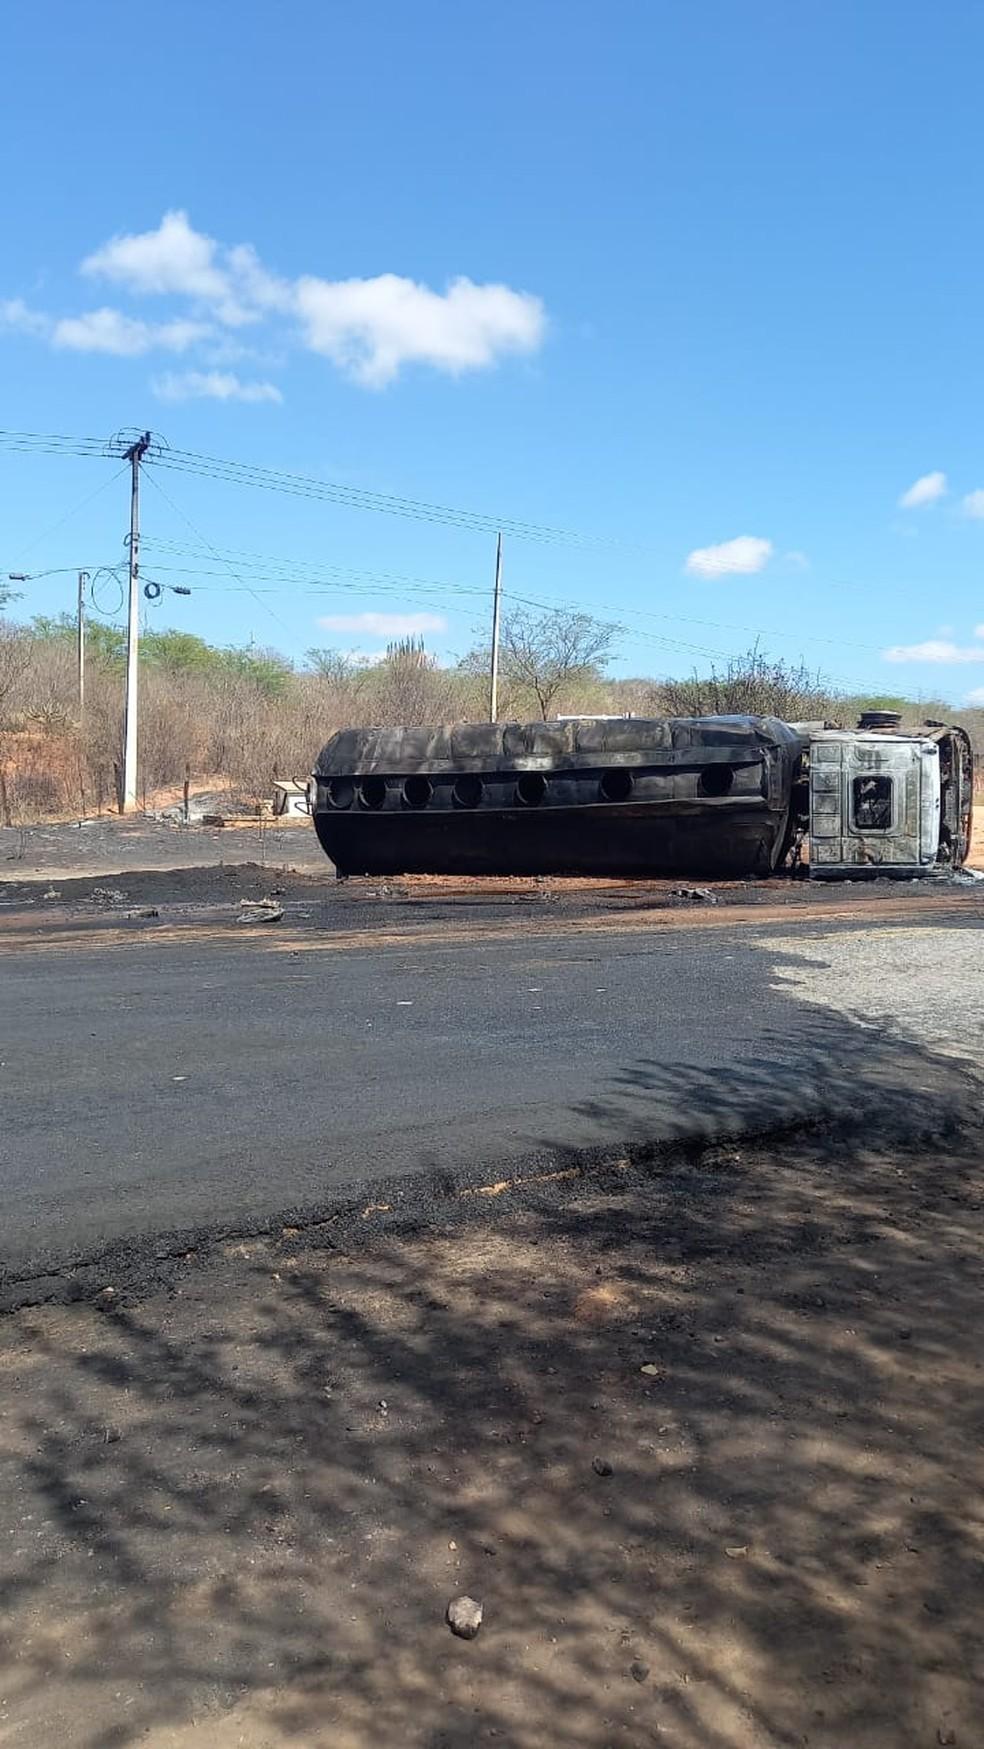 Caminhão após explosão em Sertânia — Foto: WhatsApp/Reprodução